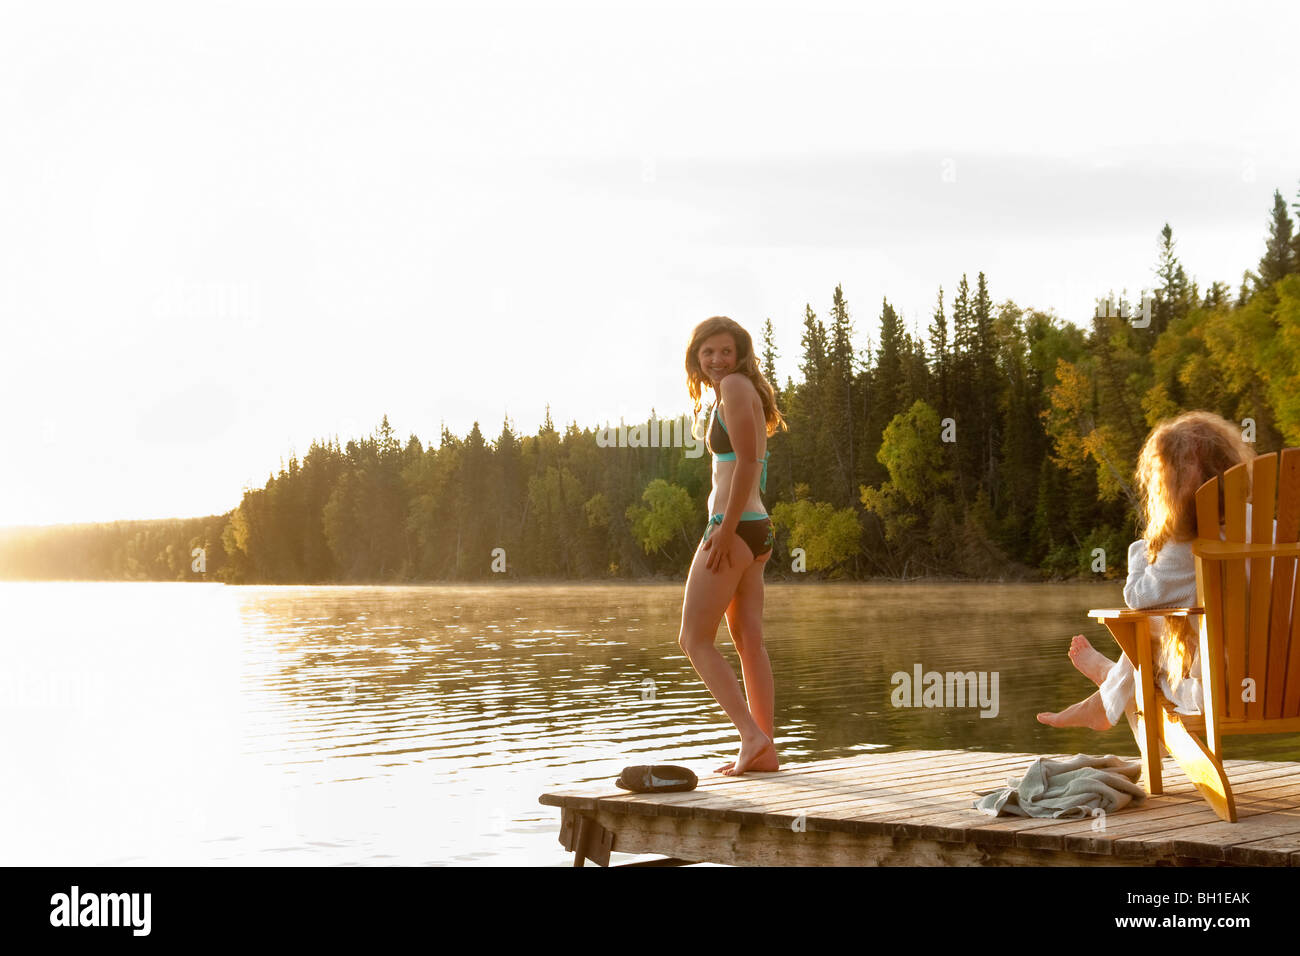 Femme debout en maillot, deuxième femme assise dans une chaise sur dock, Clear Lake, Manitoba, Canada Banque D'Images